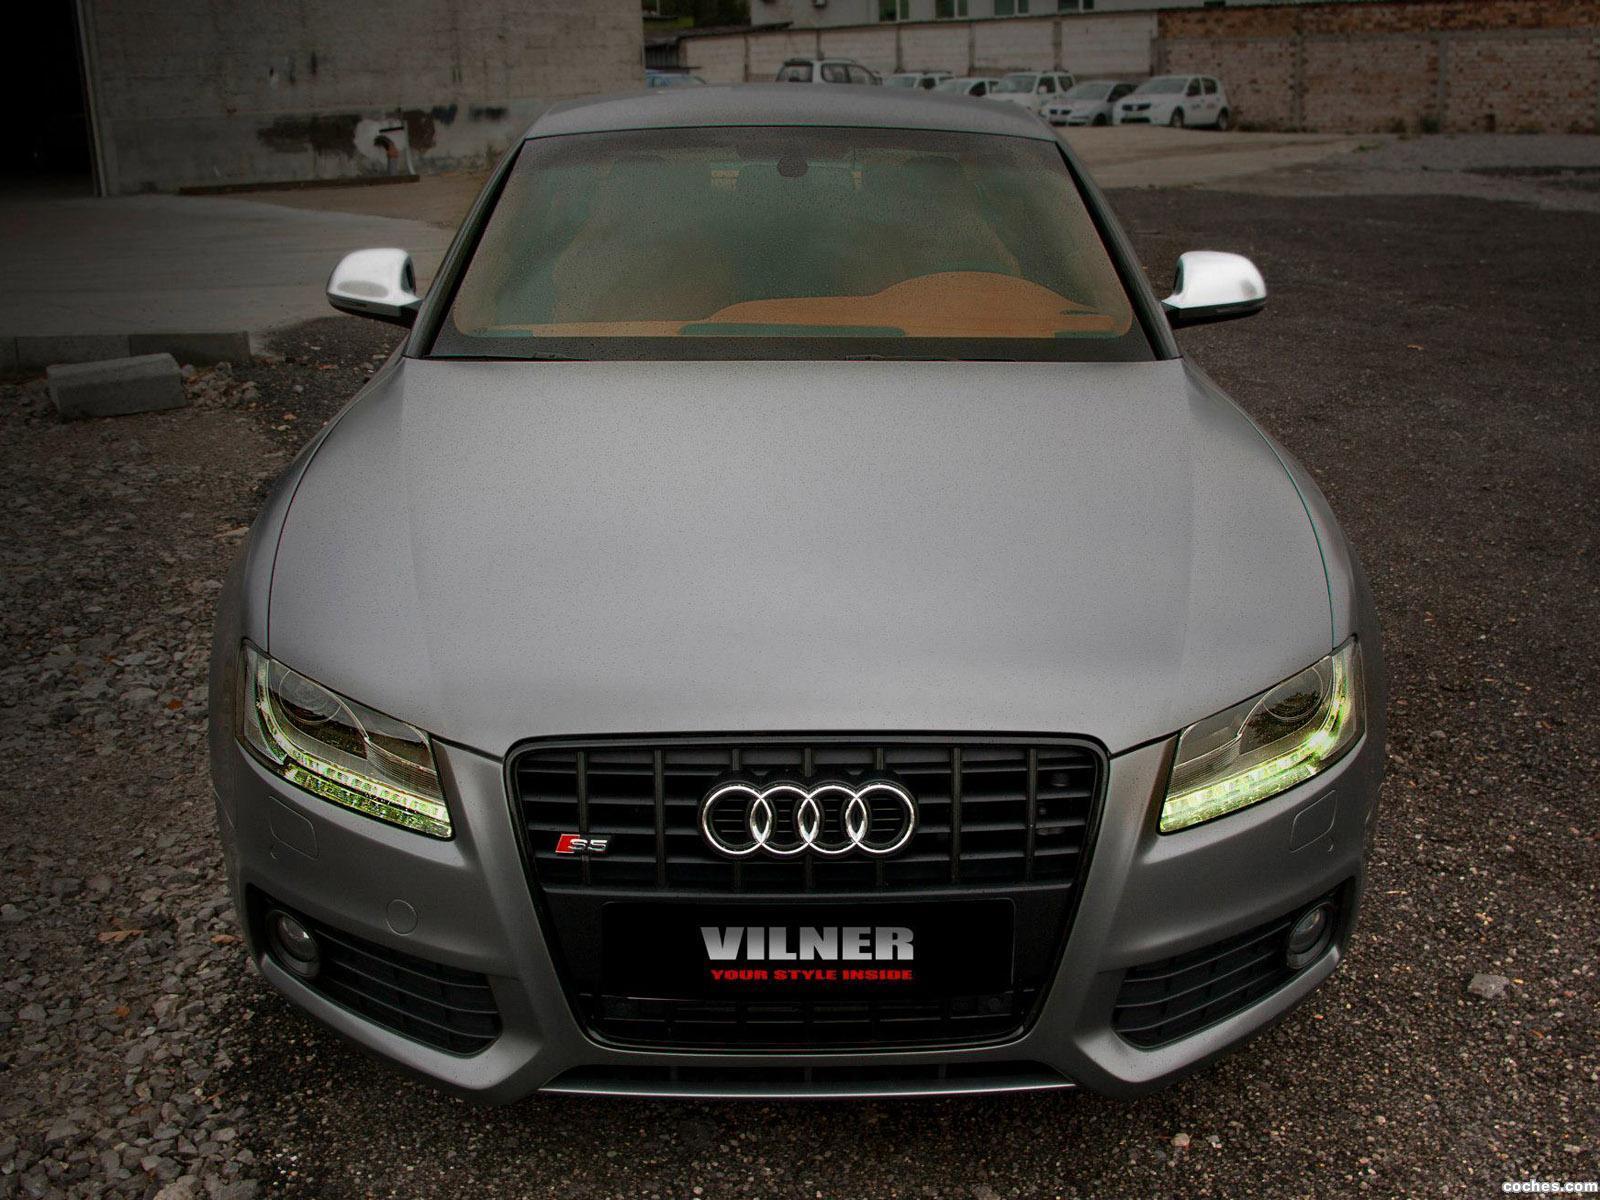 Foto 0 de Audi Vilner S5 2012